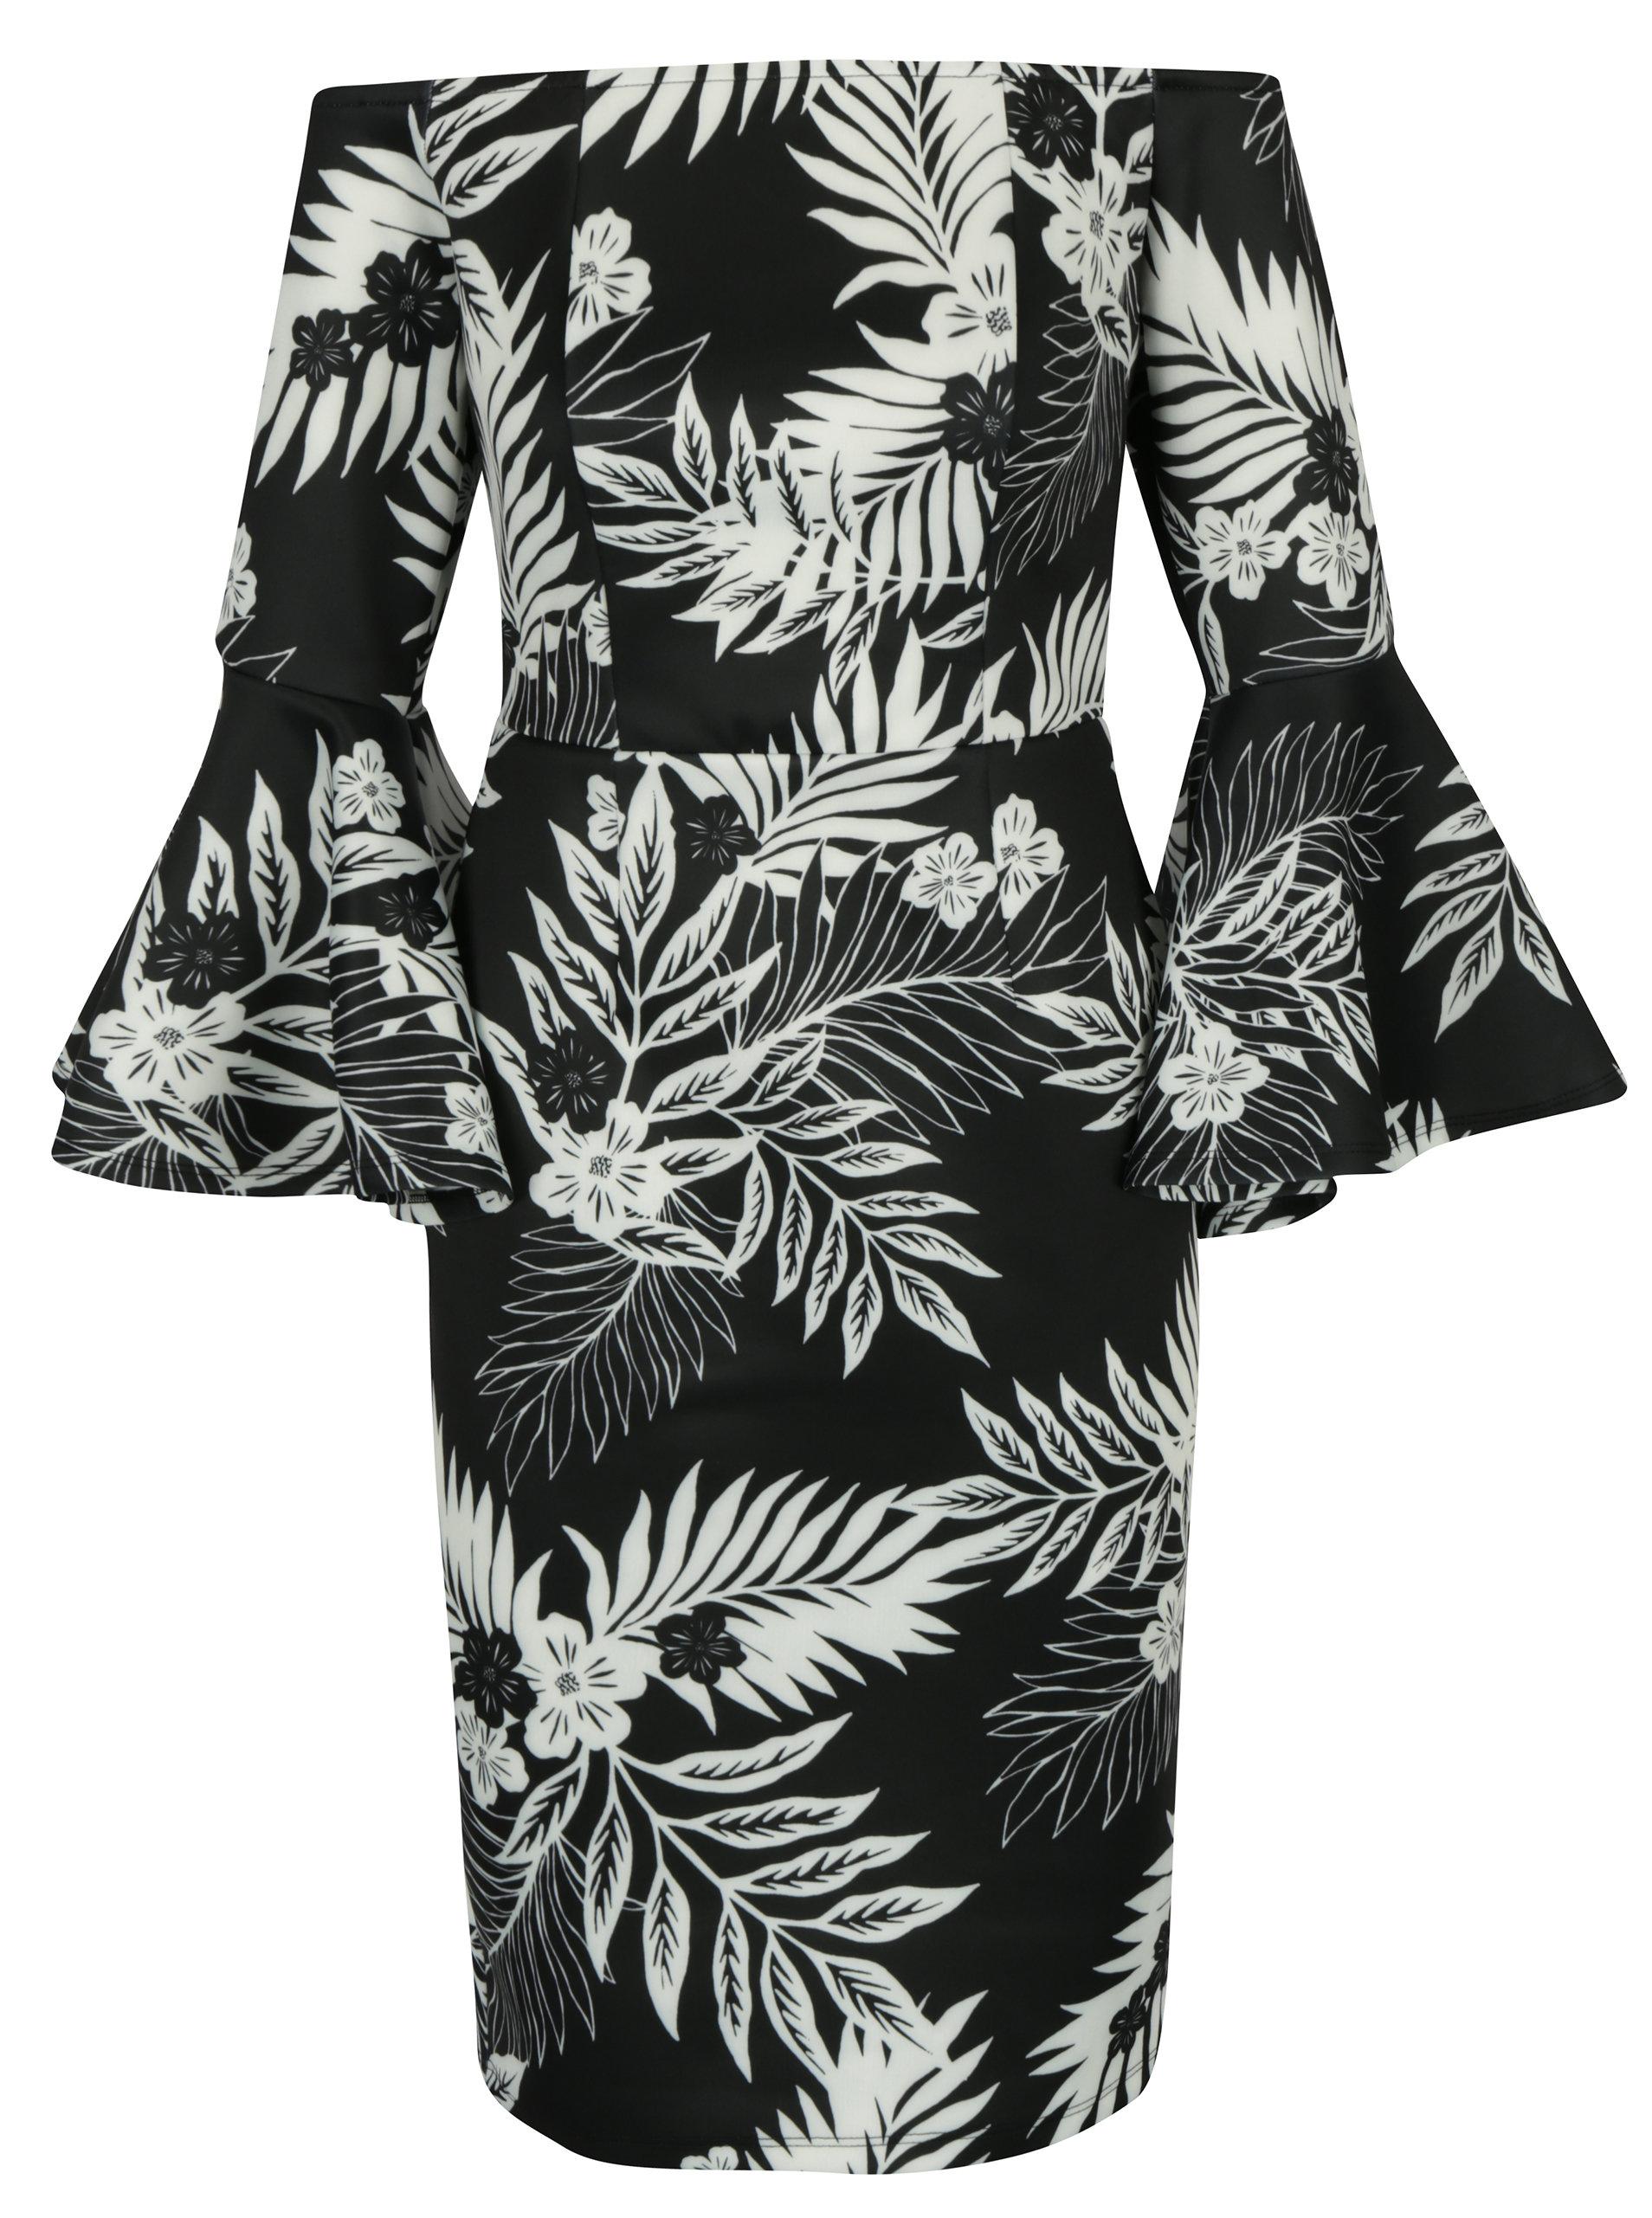 f09635929ad6 Krémovo-čierne vzorované šaty s holými ramenami a zvonovými rukávmi Dorothy  Perkins ...